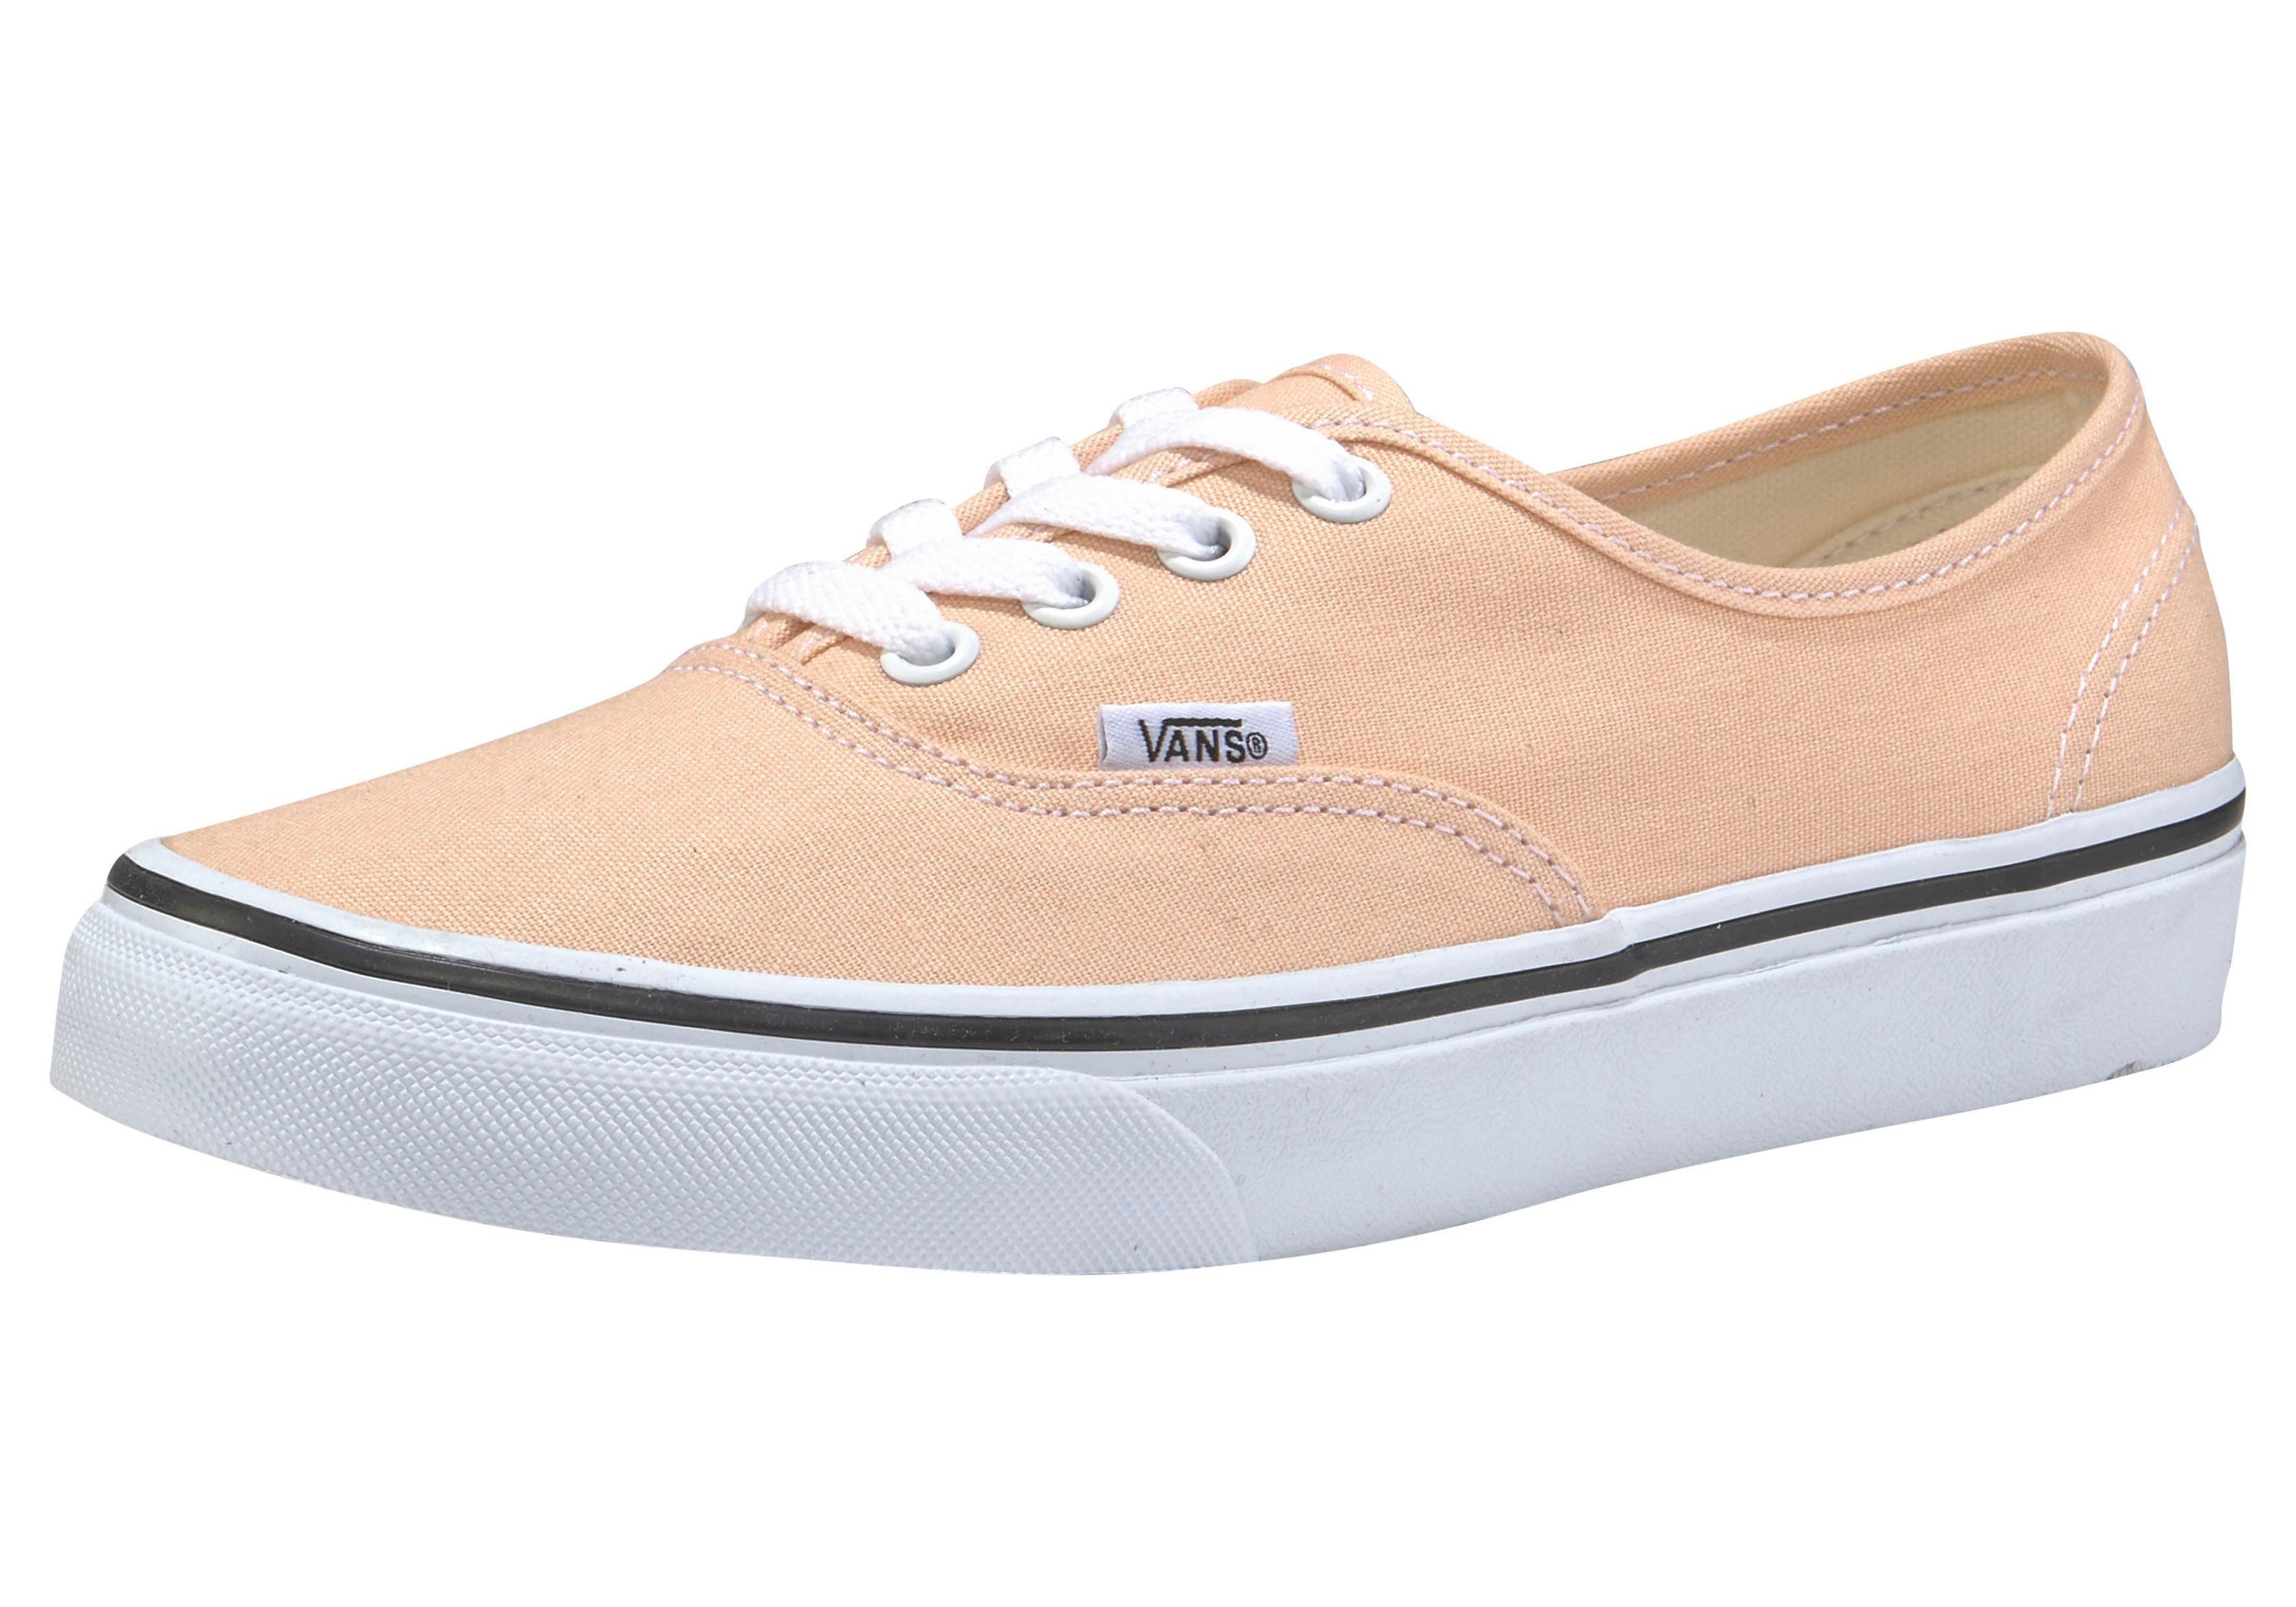 Vans »Authentic F« Sneaker, Modischer Sneaker von Vans online kaufen | OTTO